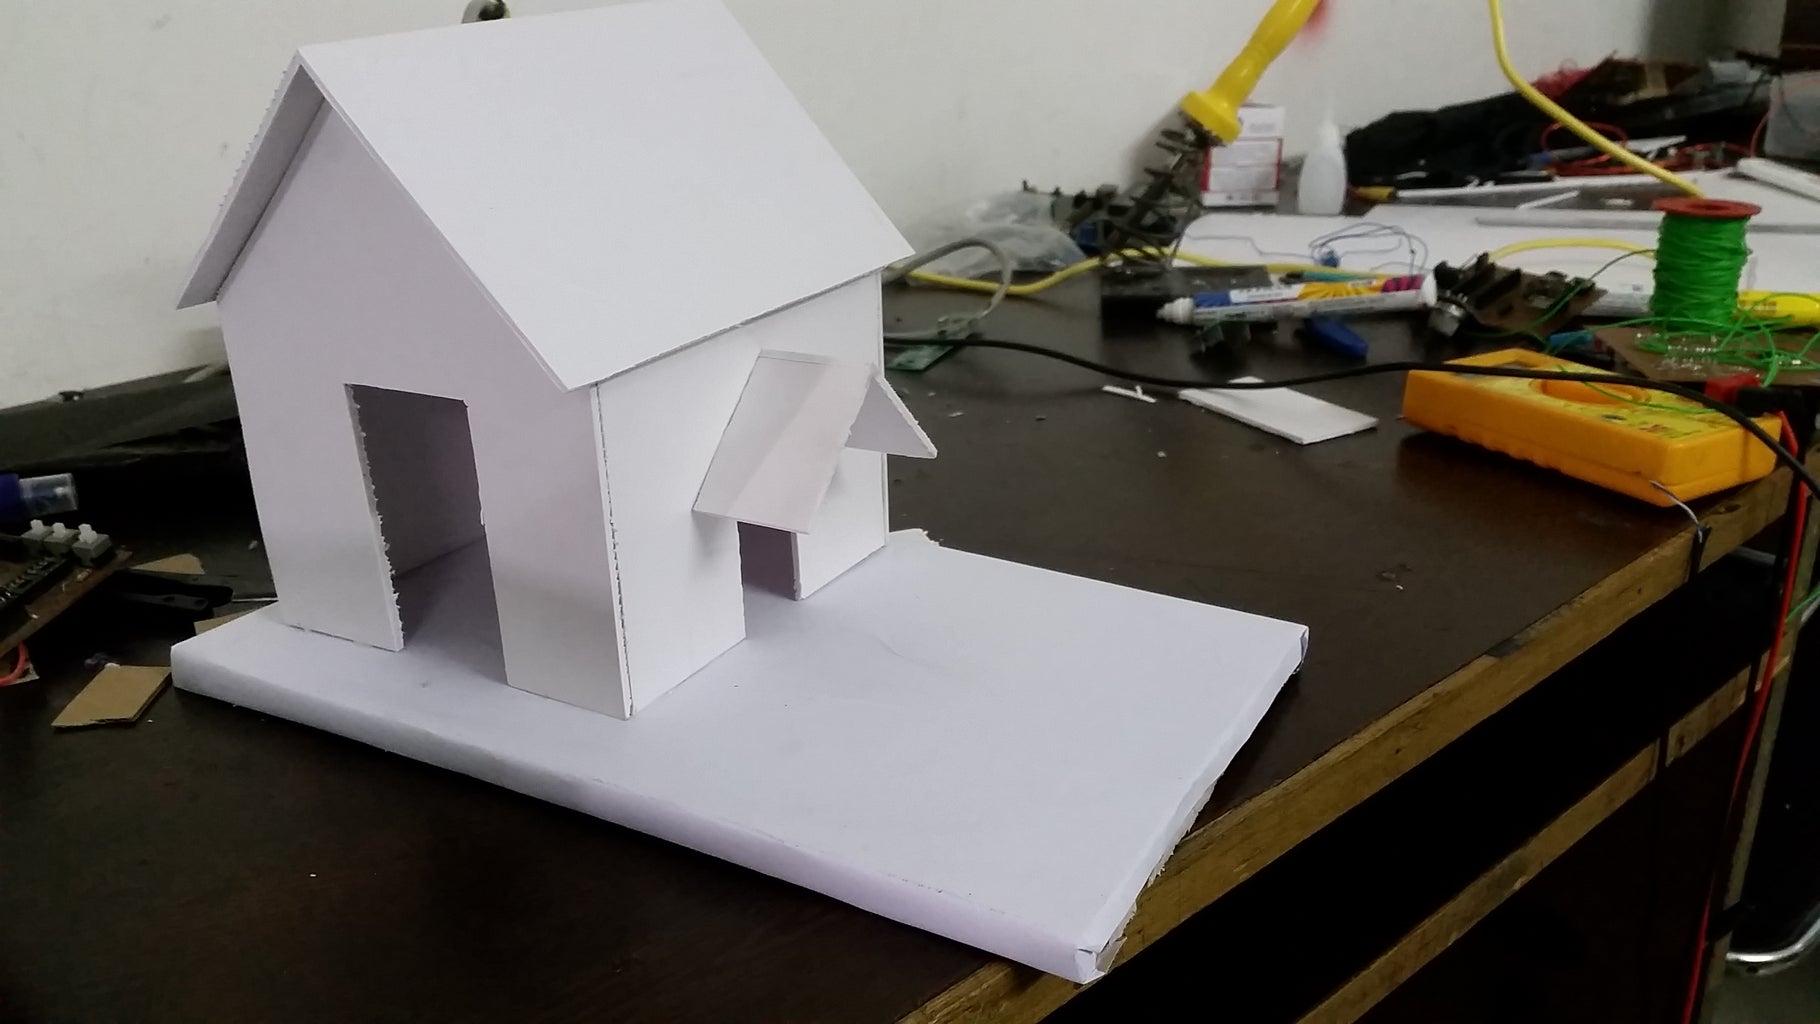 Preparing Structure: